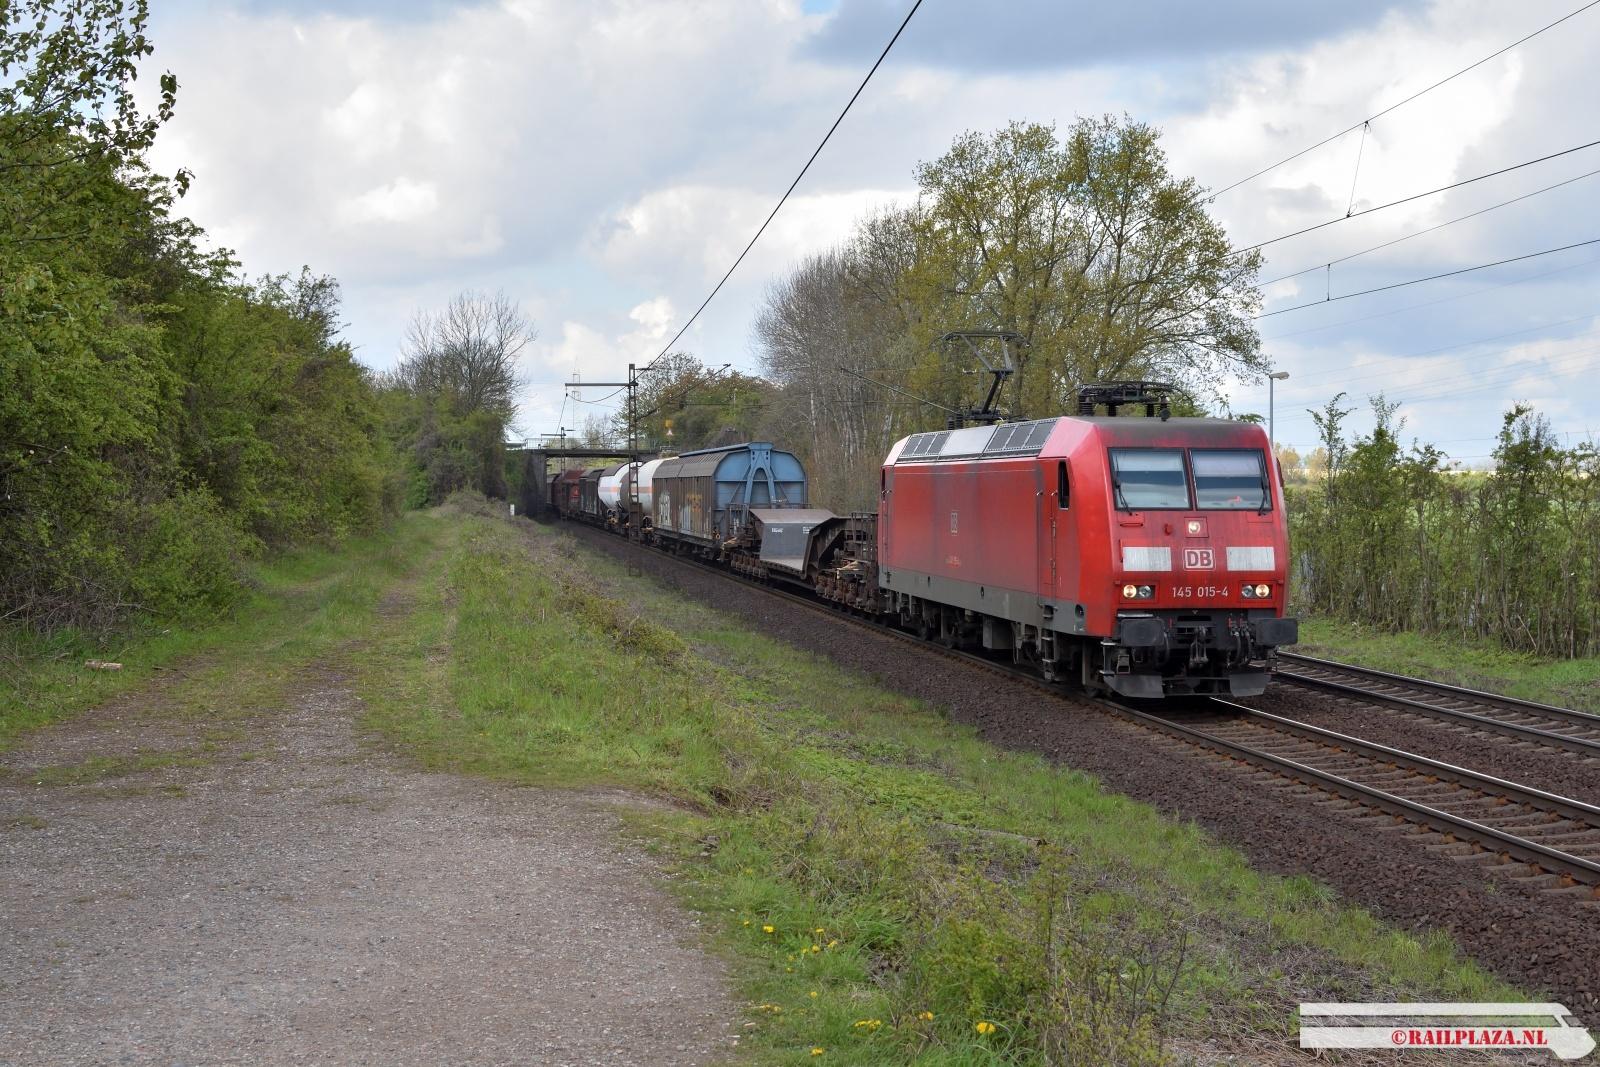 145 015 - Ahlten